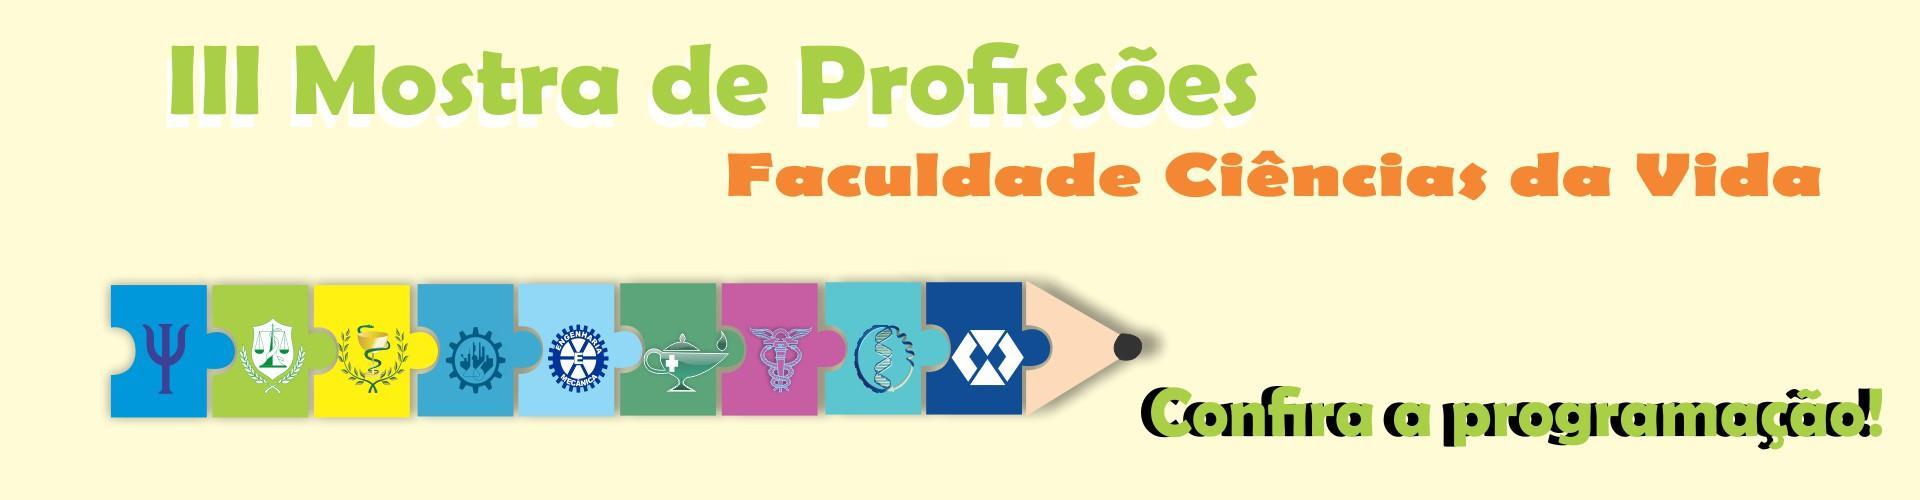 III MOSTRA DE PROFISSÕES FCV